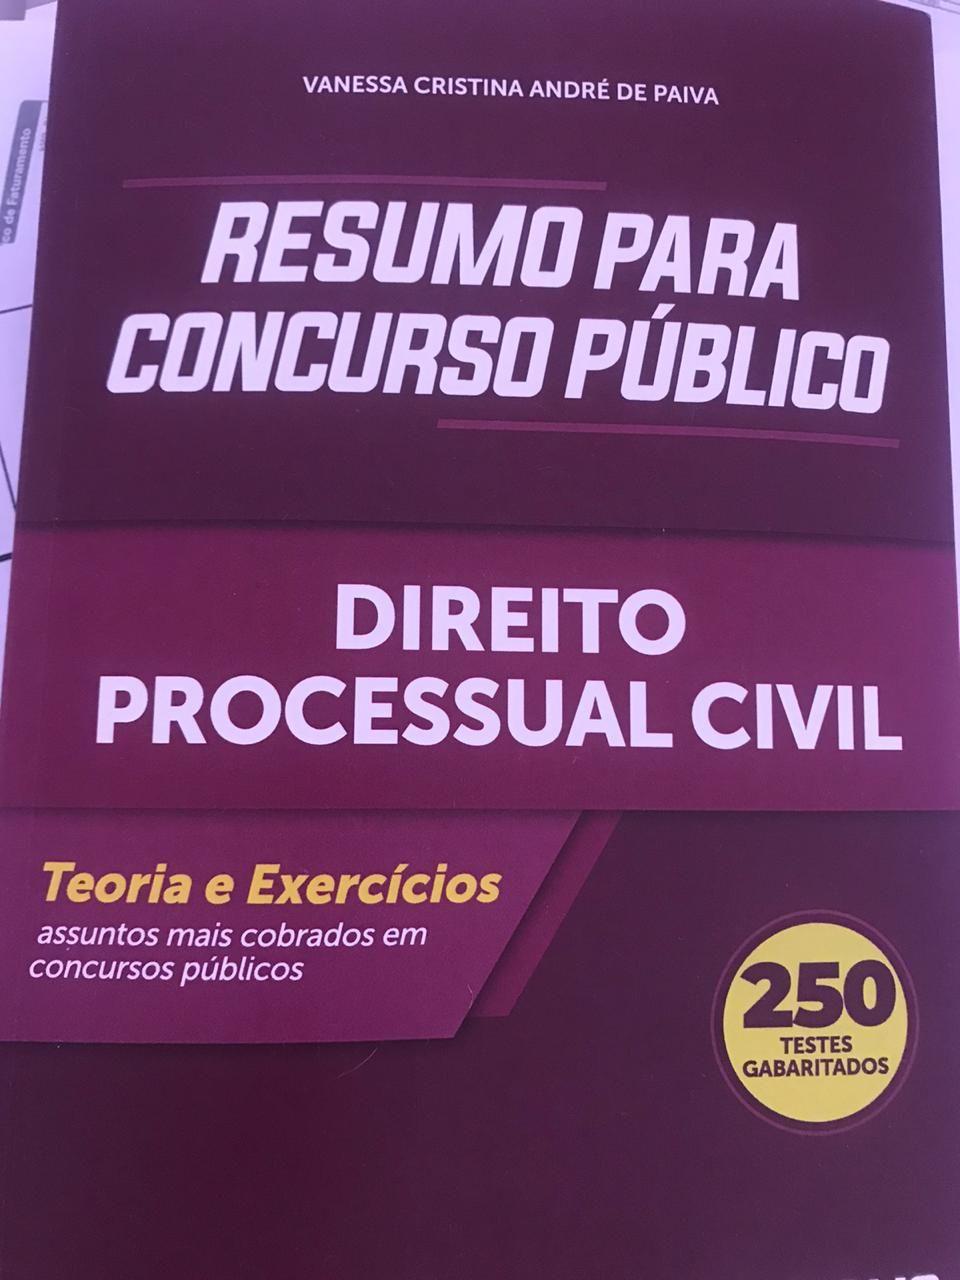 RESUMO PARA CONCURSOS PÚBLICOS - PROCESSO CIVIL